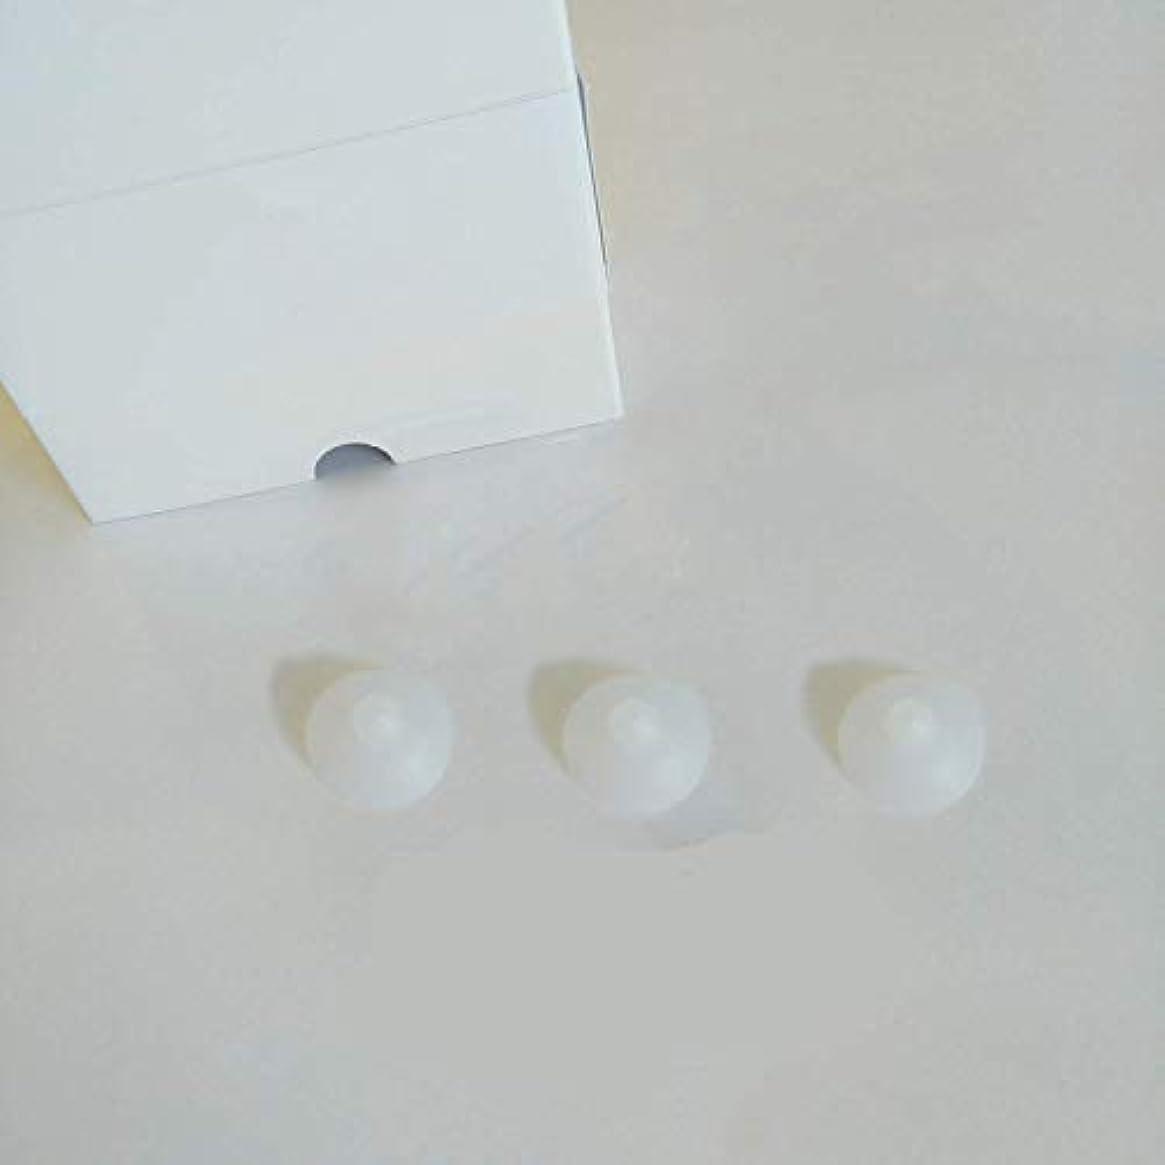 継続中ムス待つSMY付属品 睡眠器 イヤーチップドーム3個入り (Medium1)